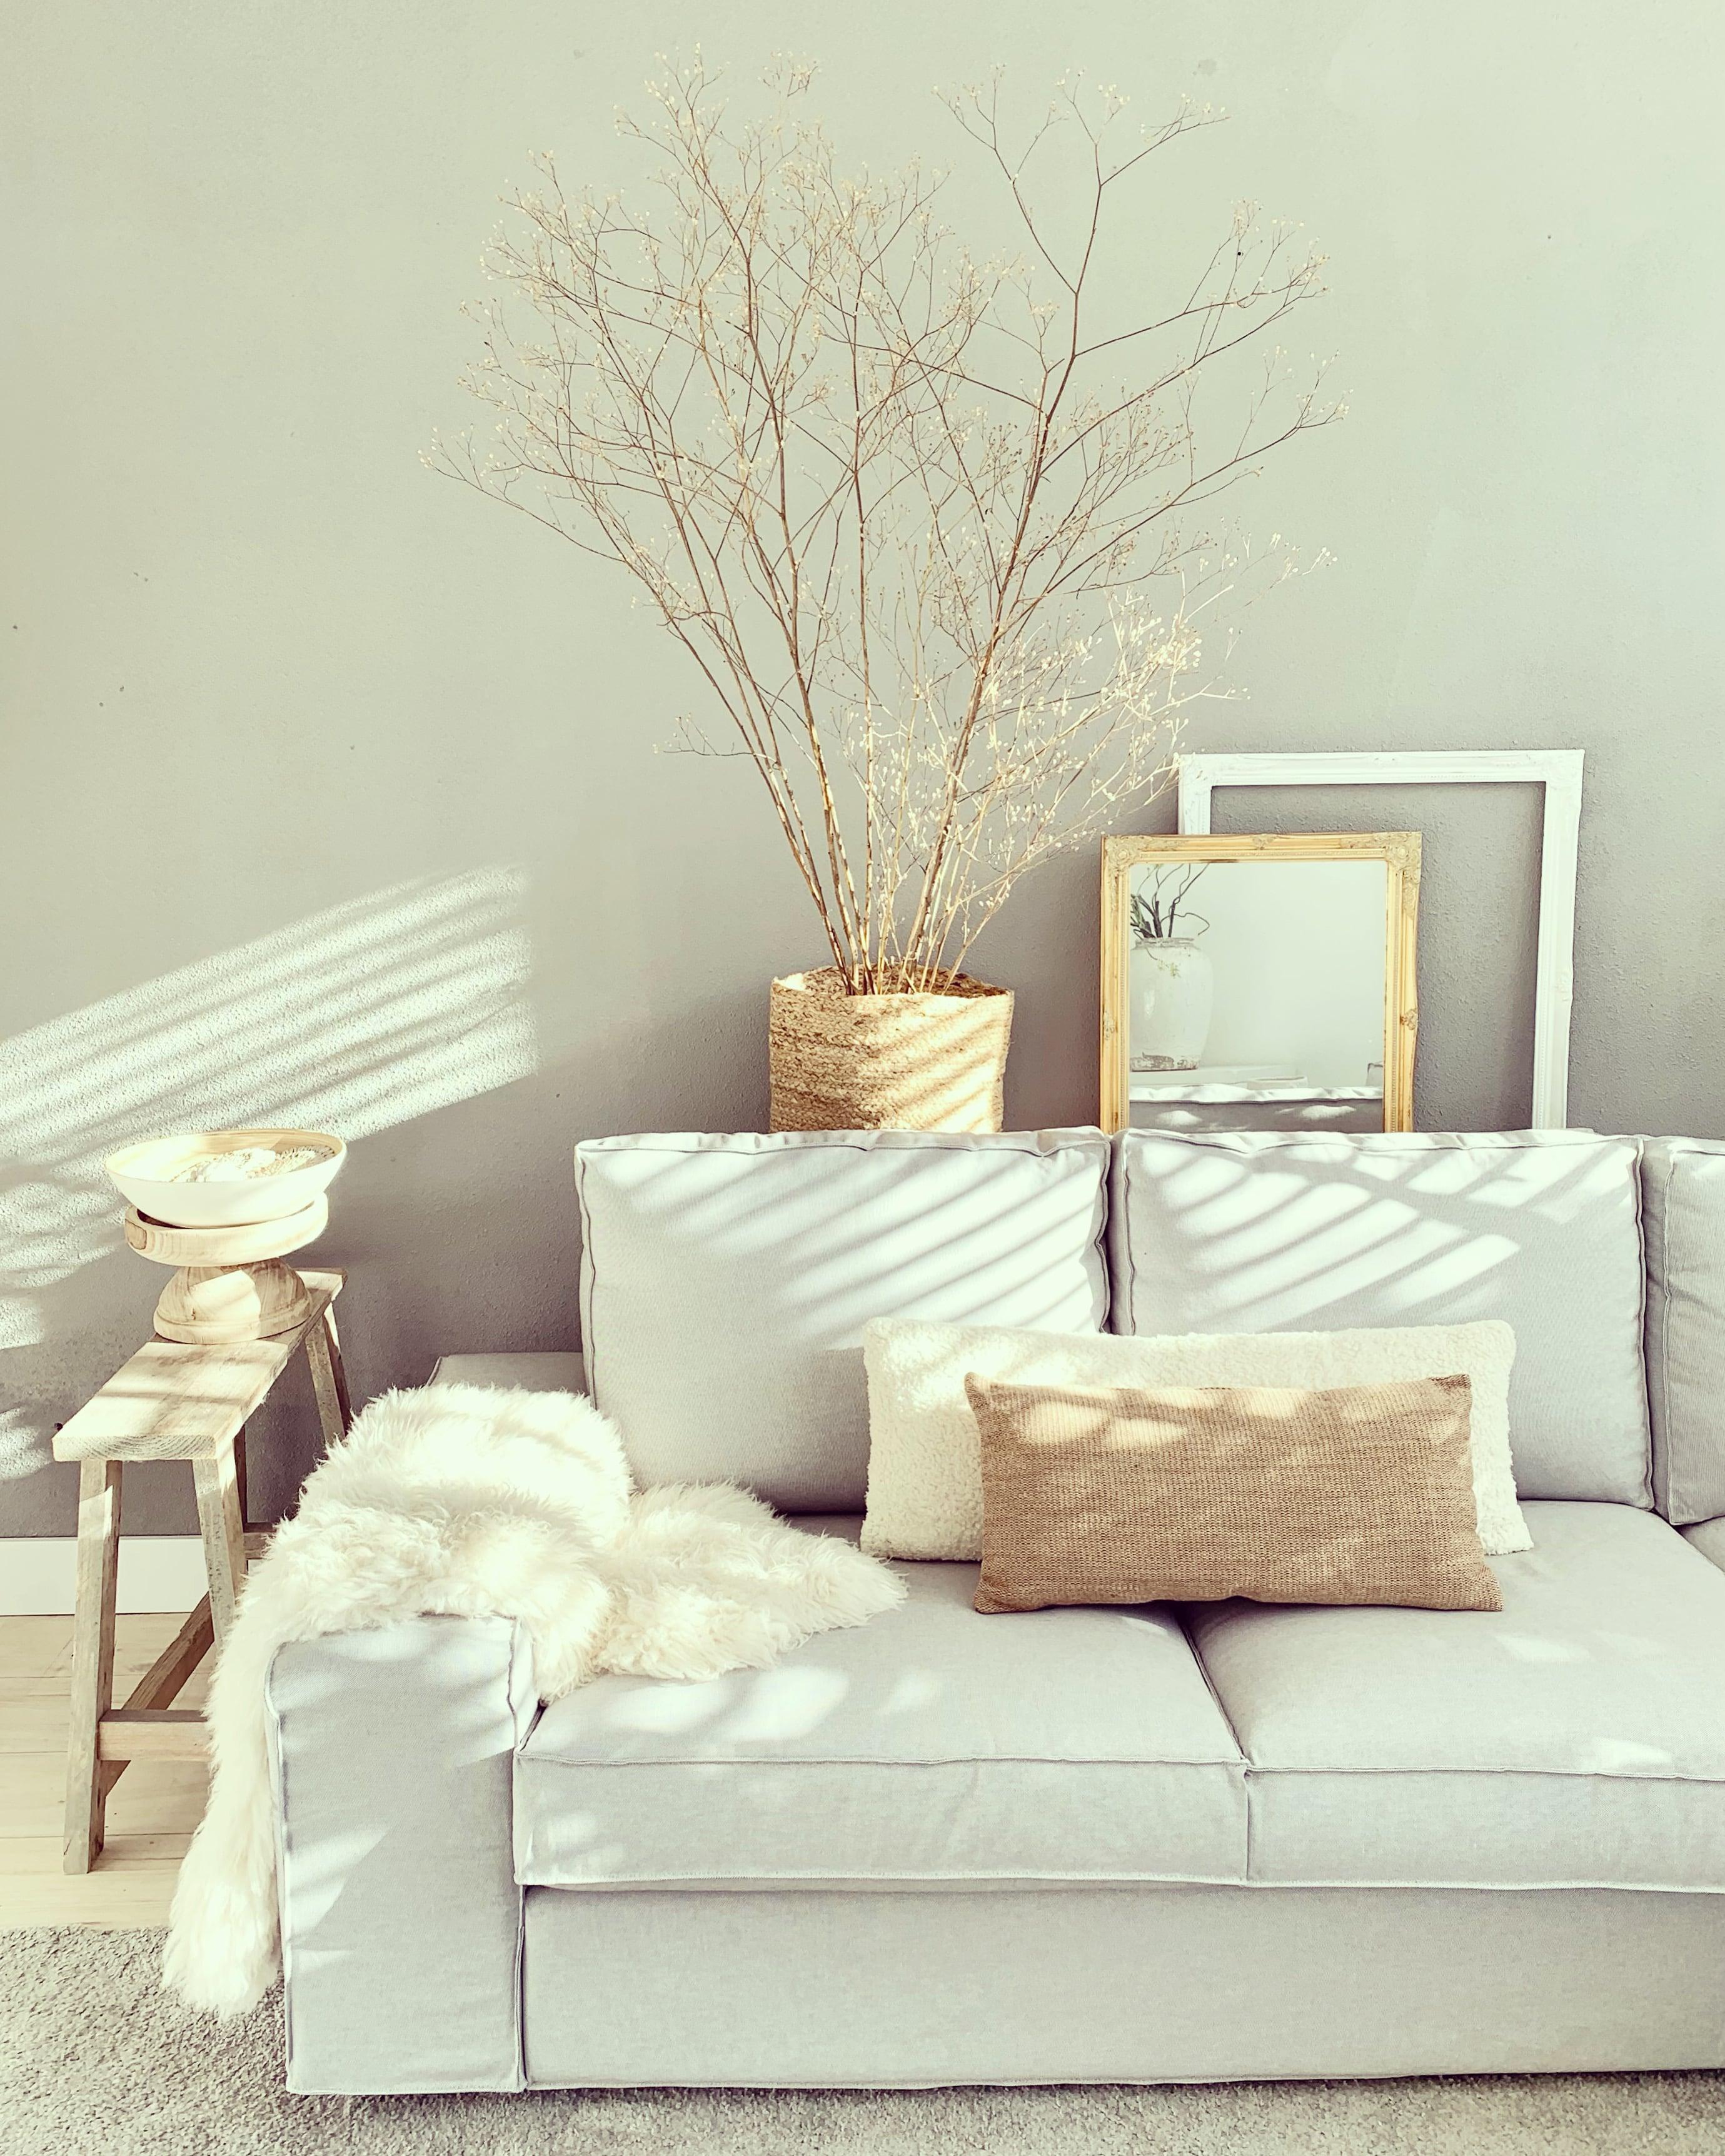 Homestory  Bei Lesern Zuhause Homestory: Inges Motto  viel Licht  und helle Farben so geht's einfach Desmondo dein online Magazin und Shop